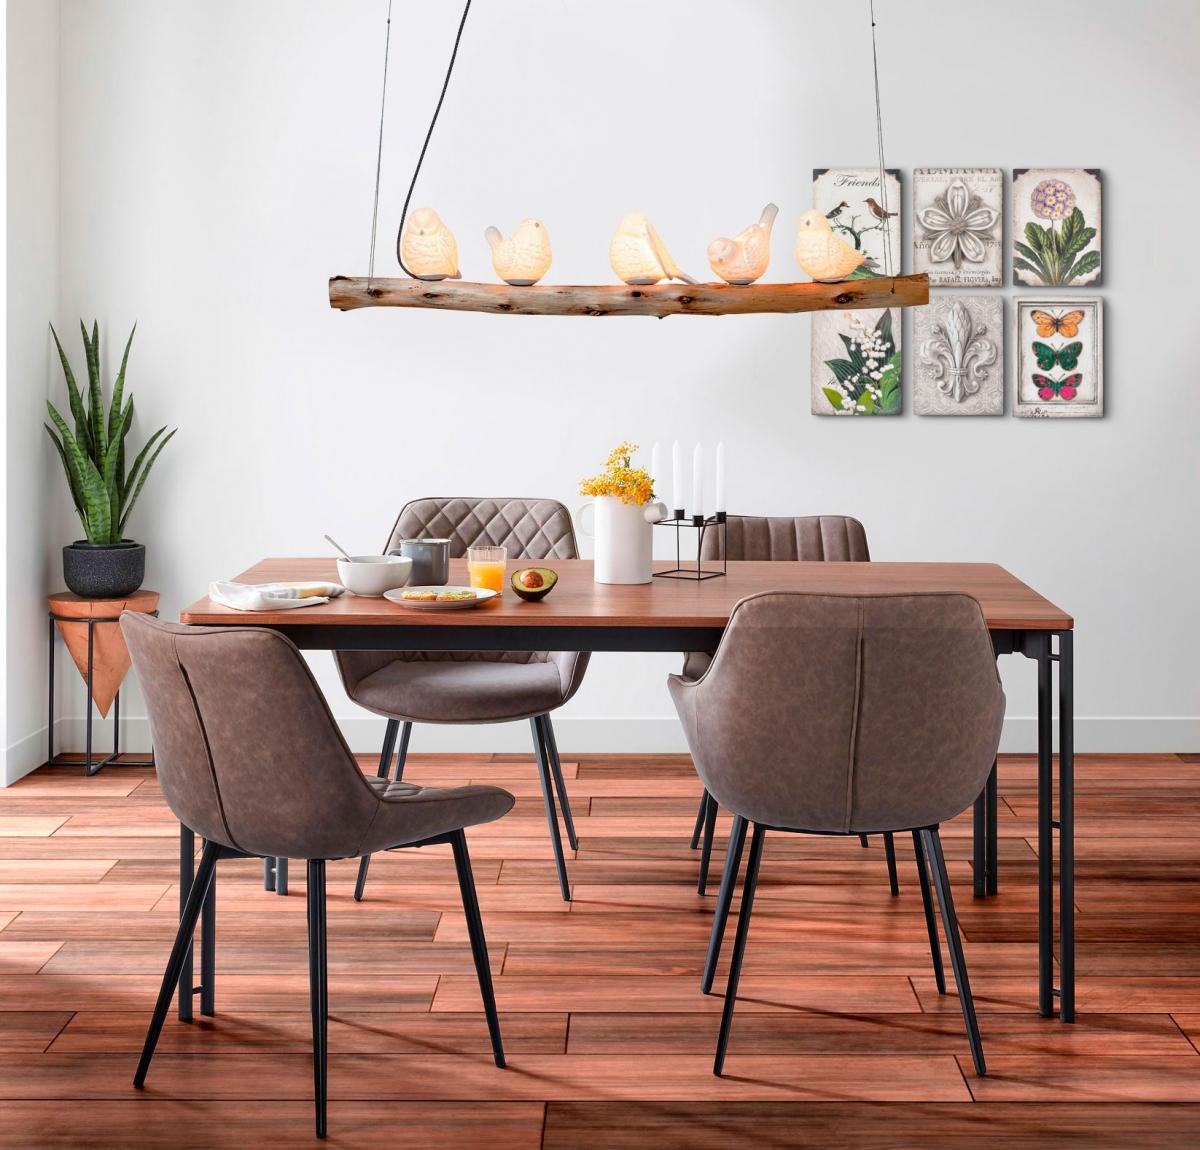 Жизнерадостный интерьер обеденной зоны для большой семьи